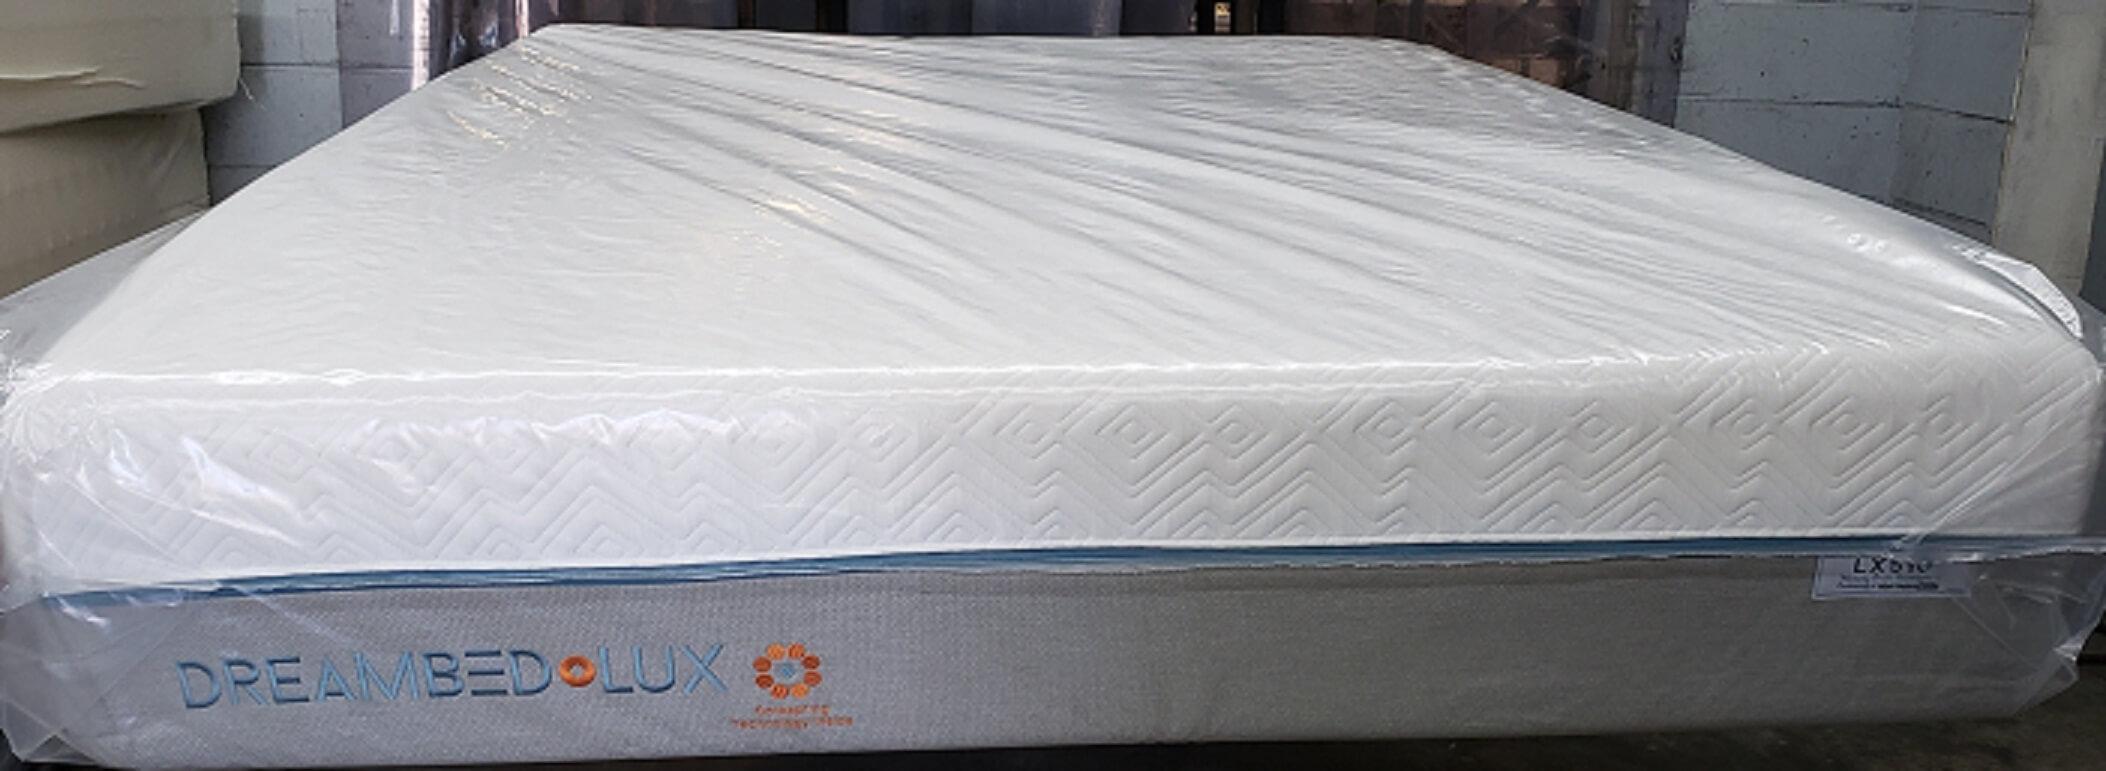 Dream Bed Lux Lx510 12 Quot Firm Memory Foam Queen Mattress